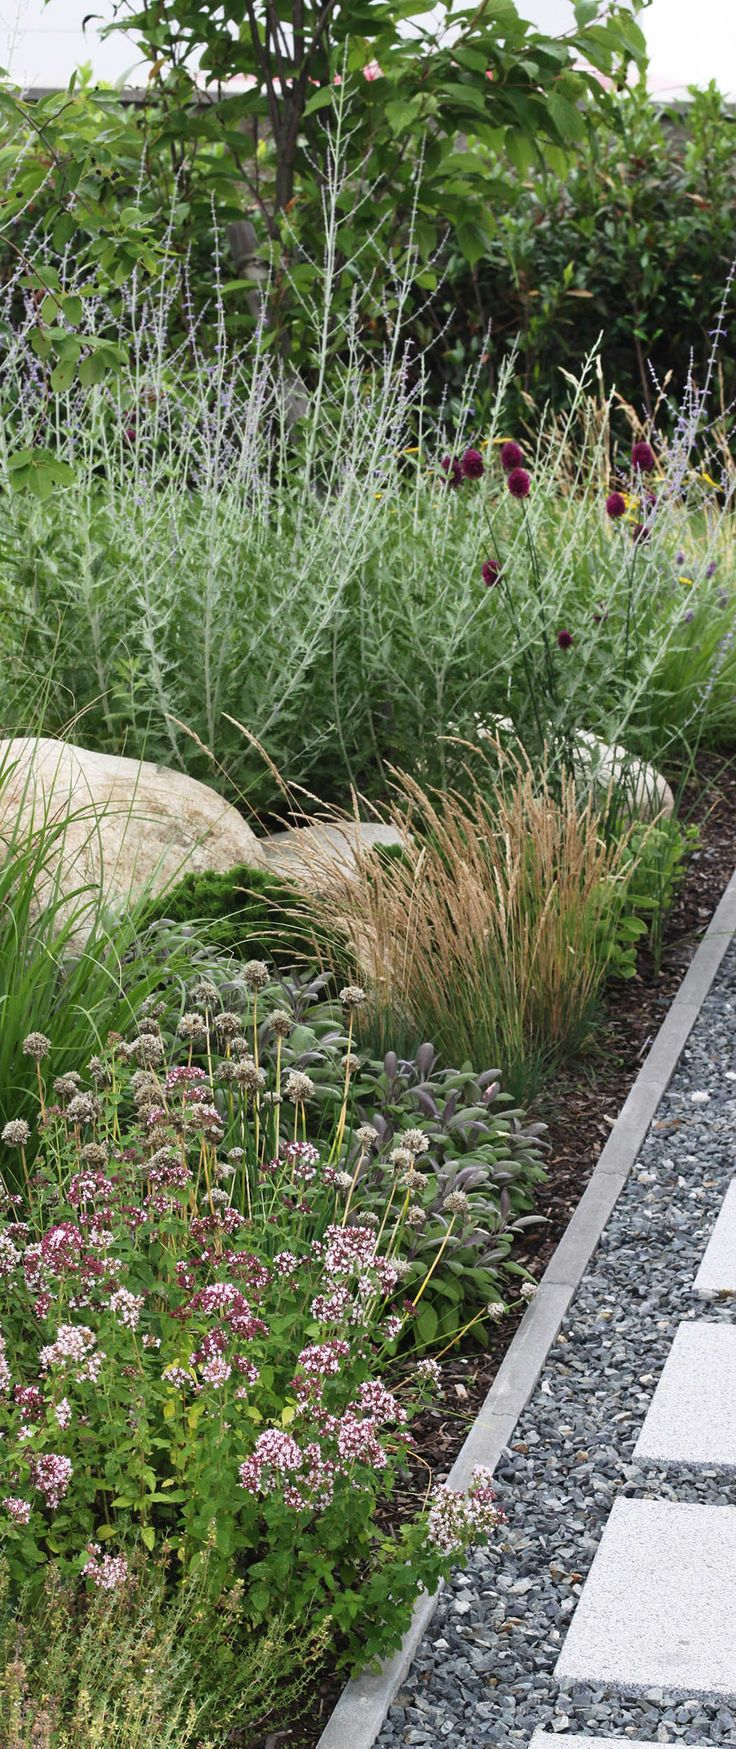 přírodní výsadby / natural plants